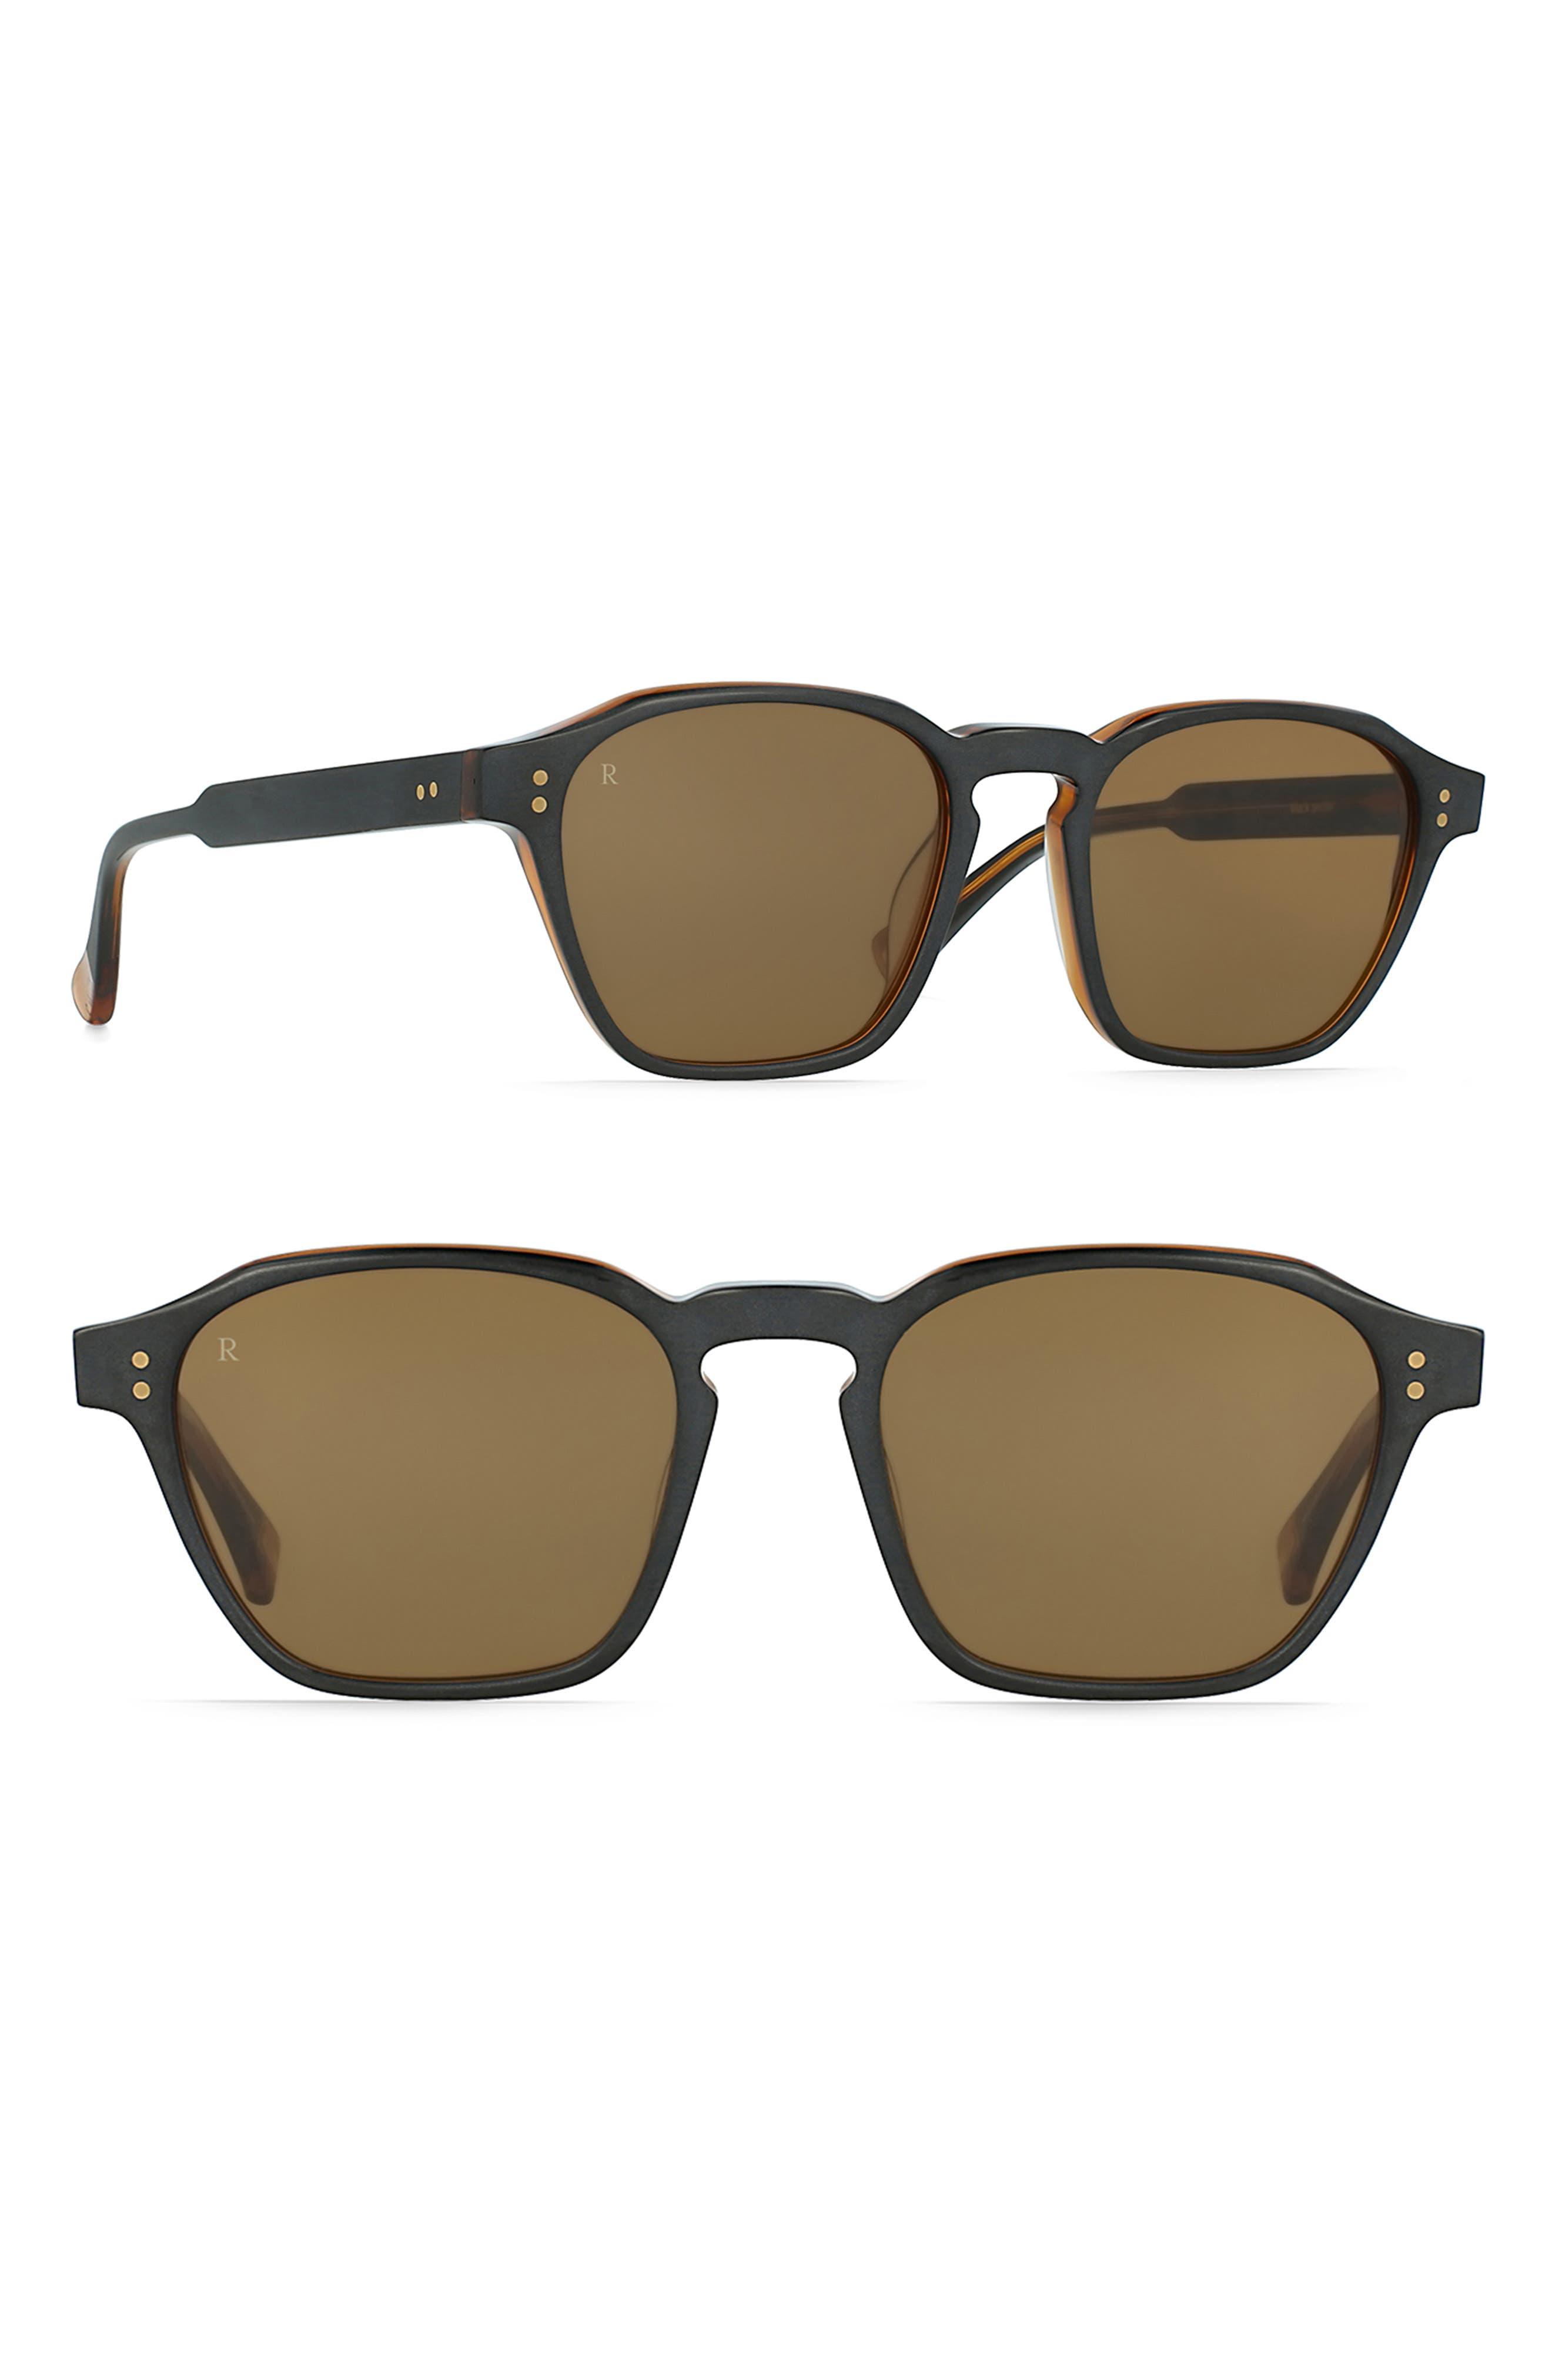 RAEN Aren 50Mm Sunglasses - Black/ Tan/ Brown